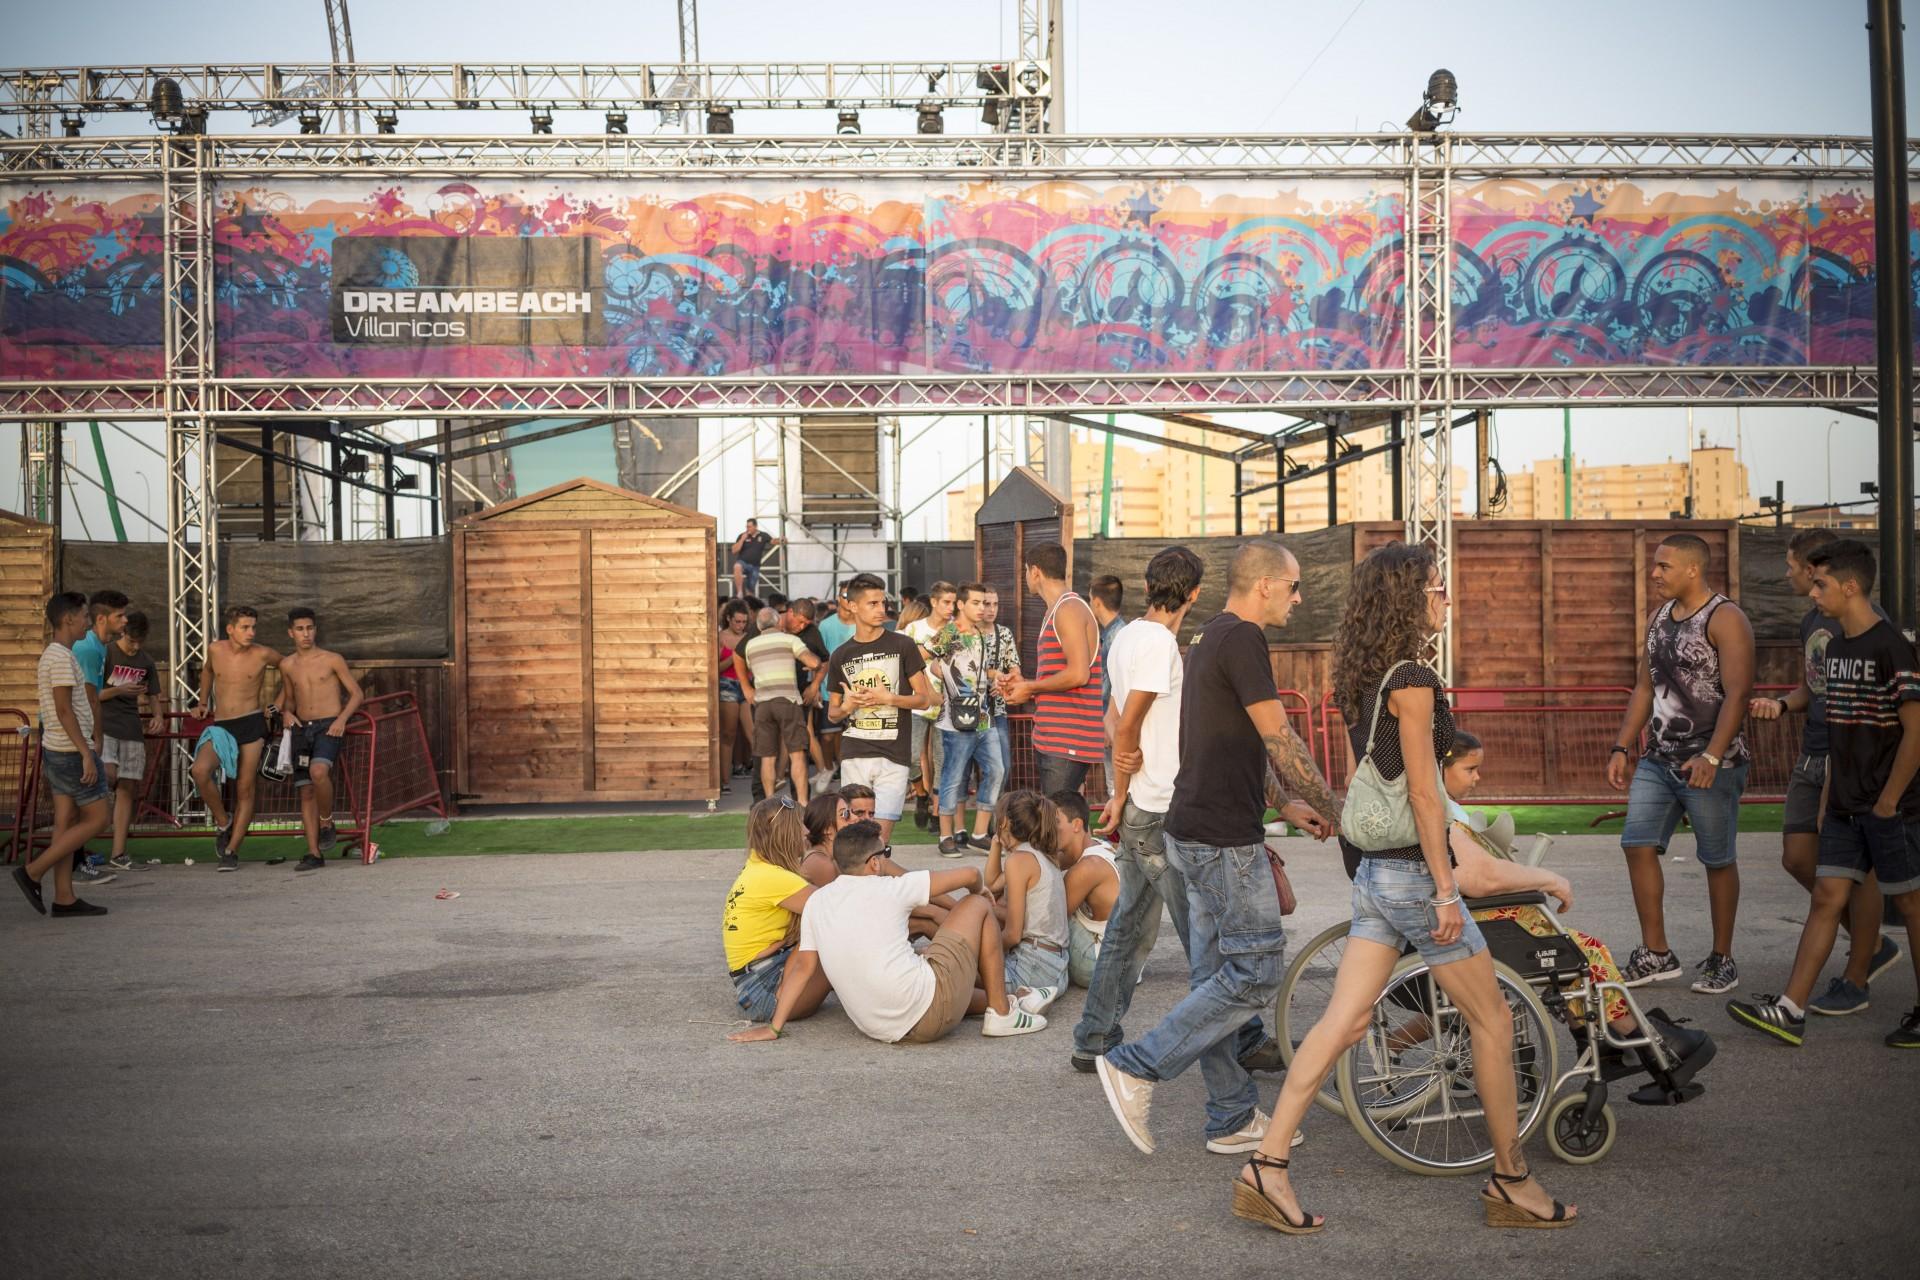 Spain feria de malaga xavier de torres for Feria outlet malaga 2017